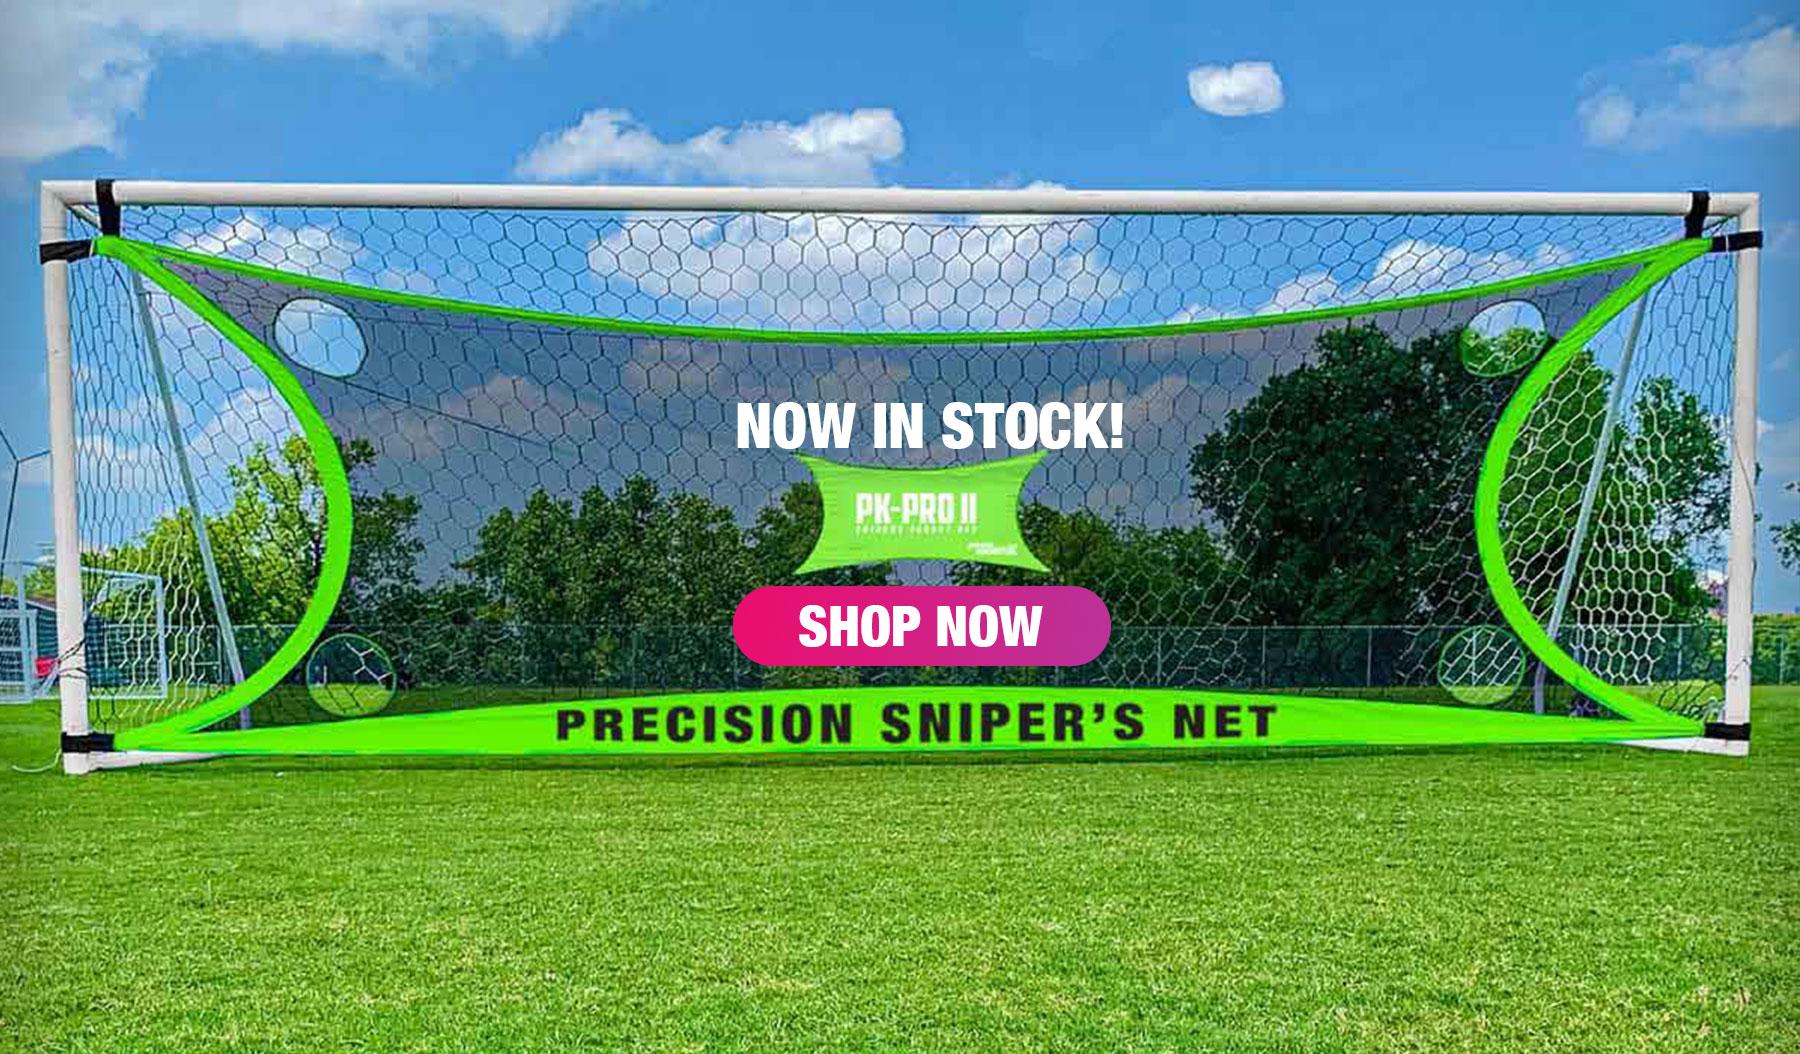 PK Pro 2 Soccer Target Net